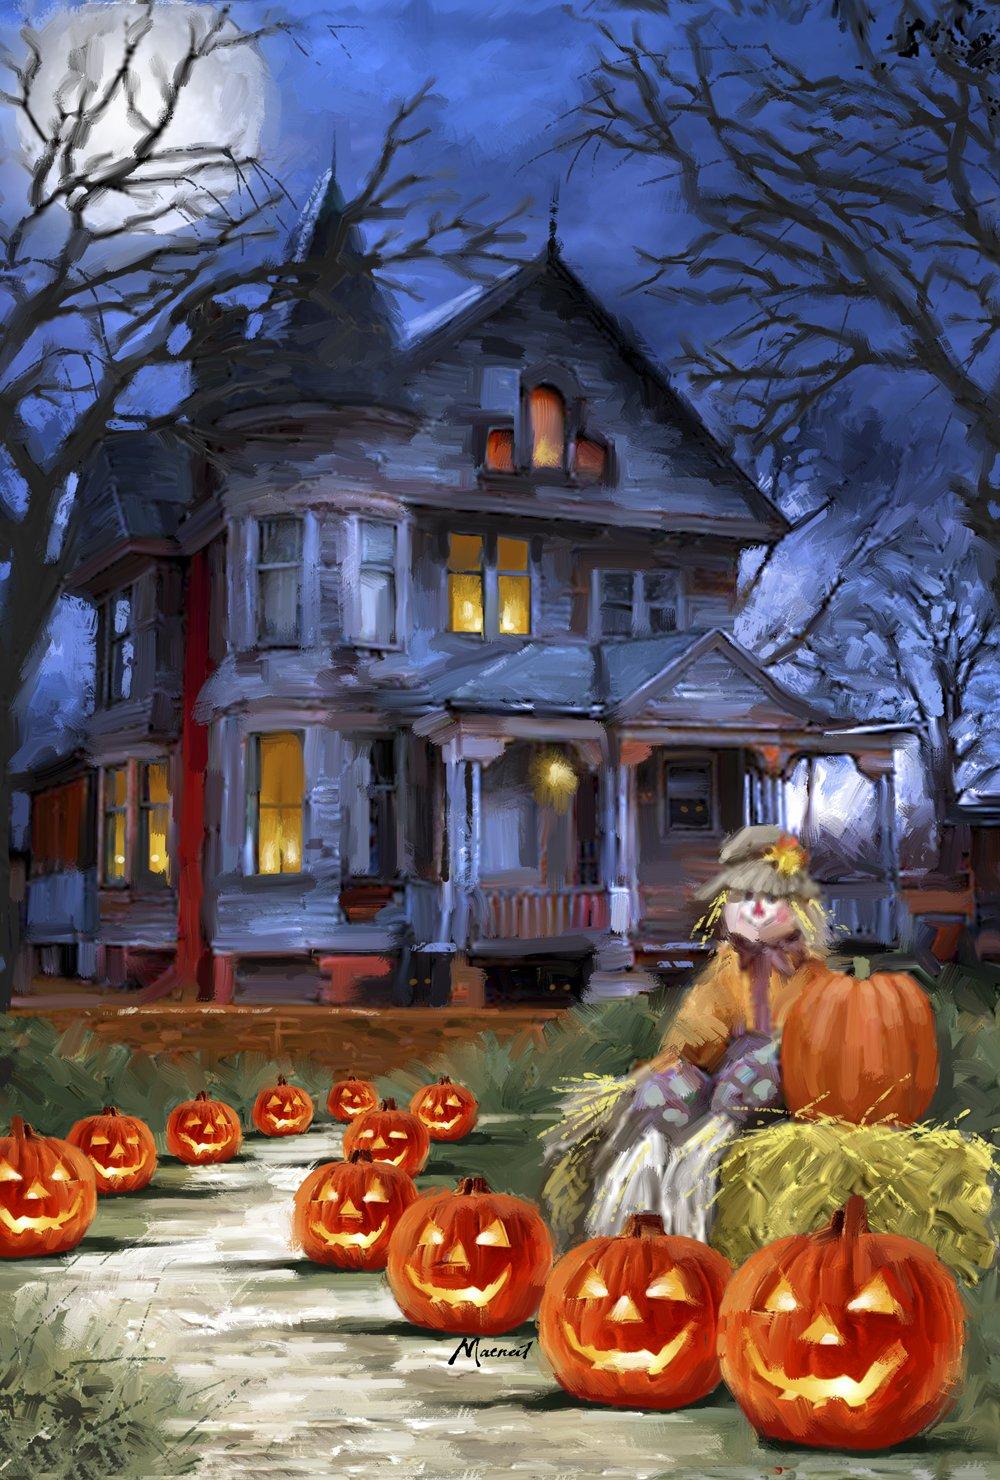 Toland Home Garden Spooky Manor 12.5 x 18 Inch Decorative Halloween Jack o Lantern Pumpkin Garden Flag by Toland Home Garden